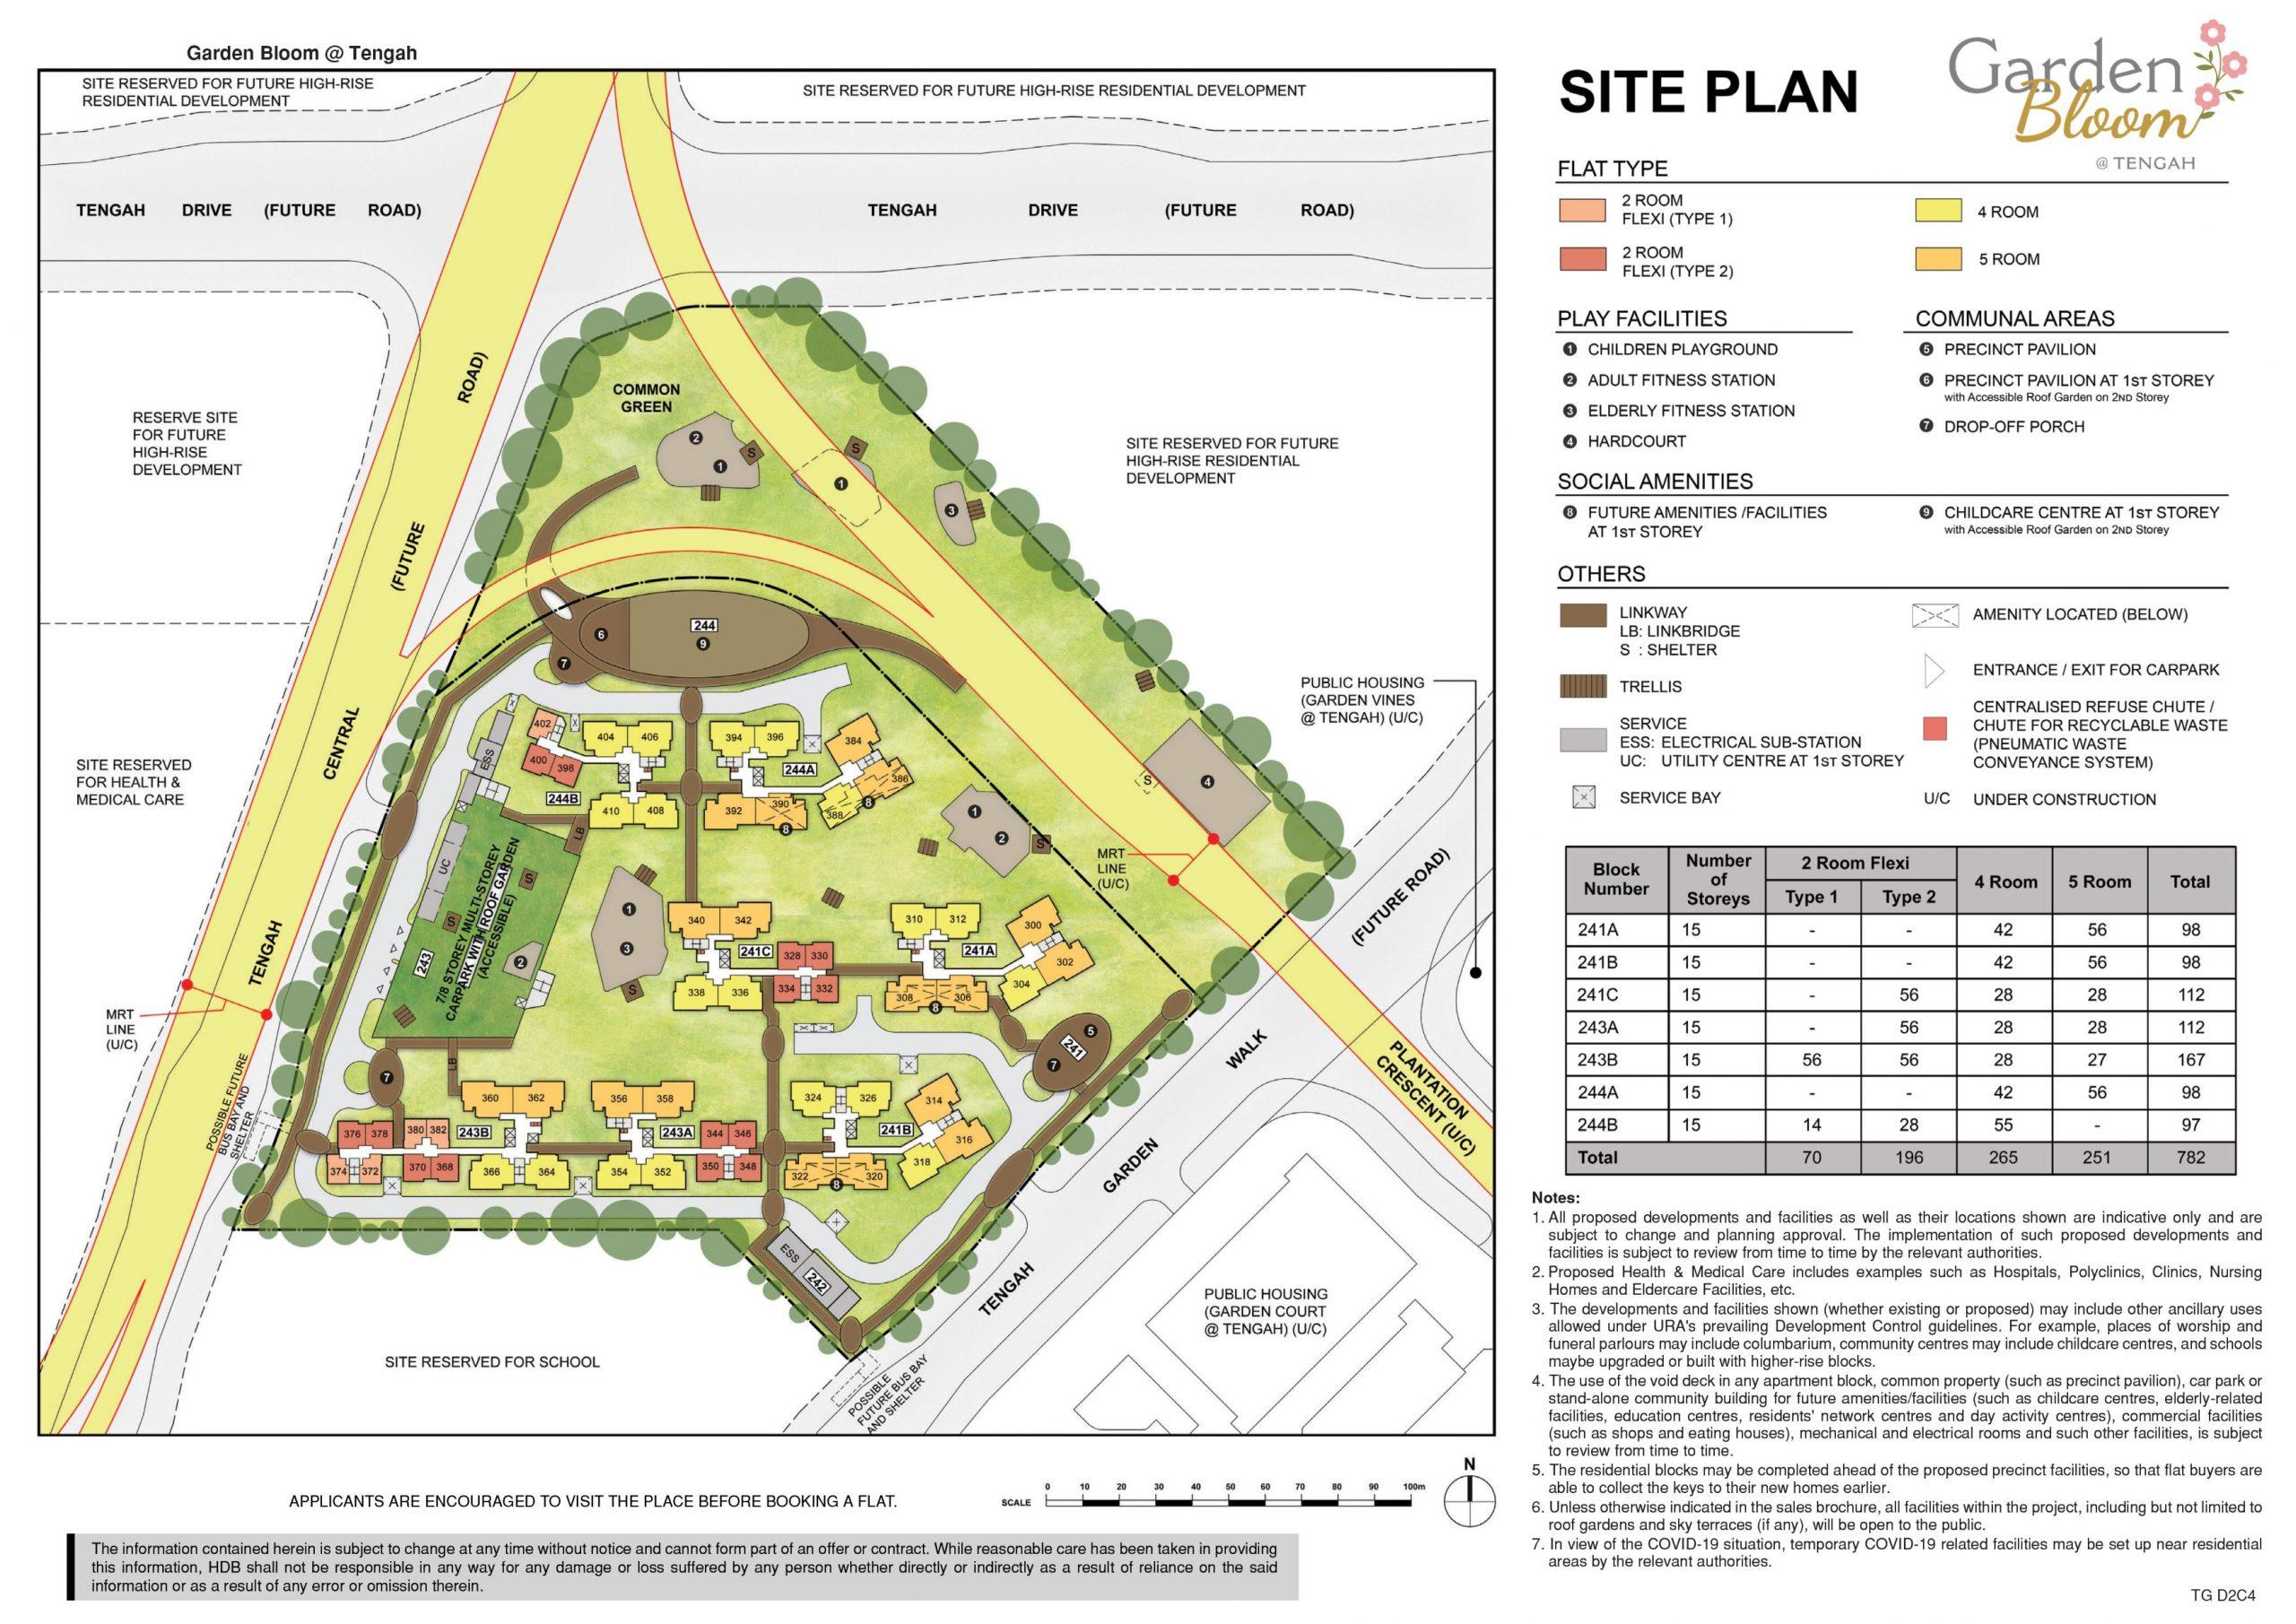 May 2021 Tengah BTO site plan